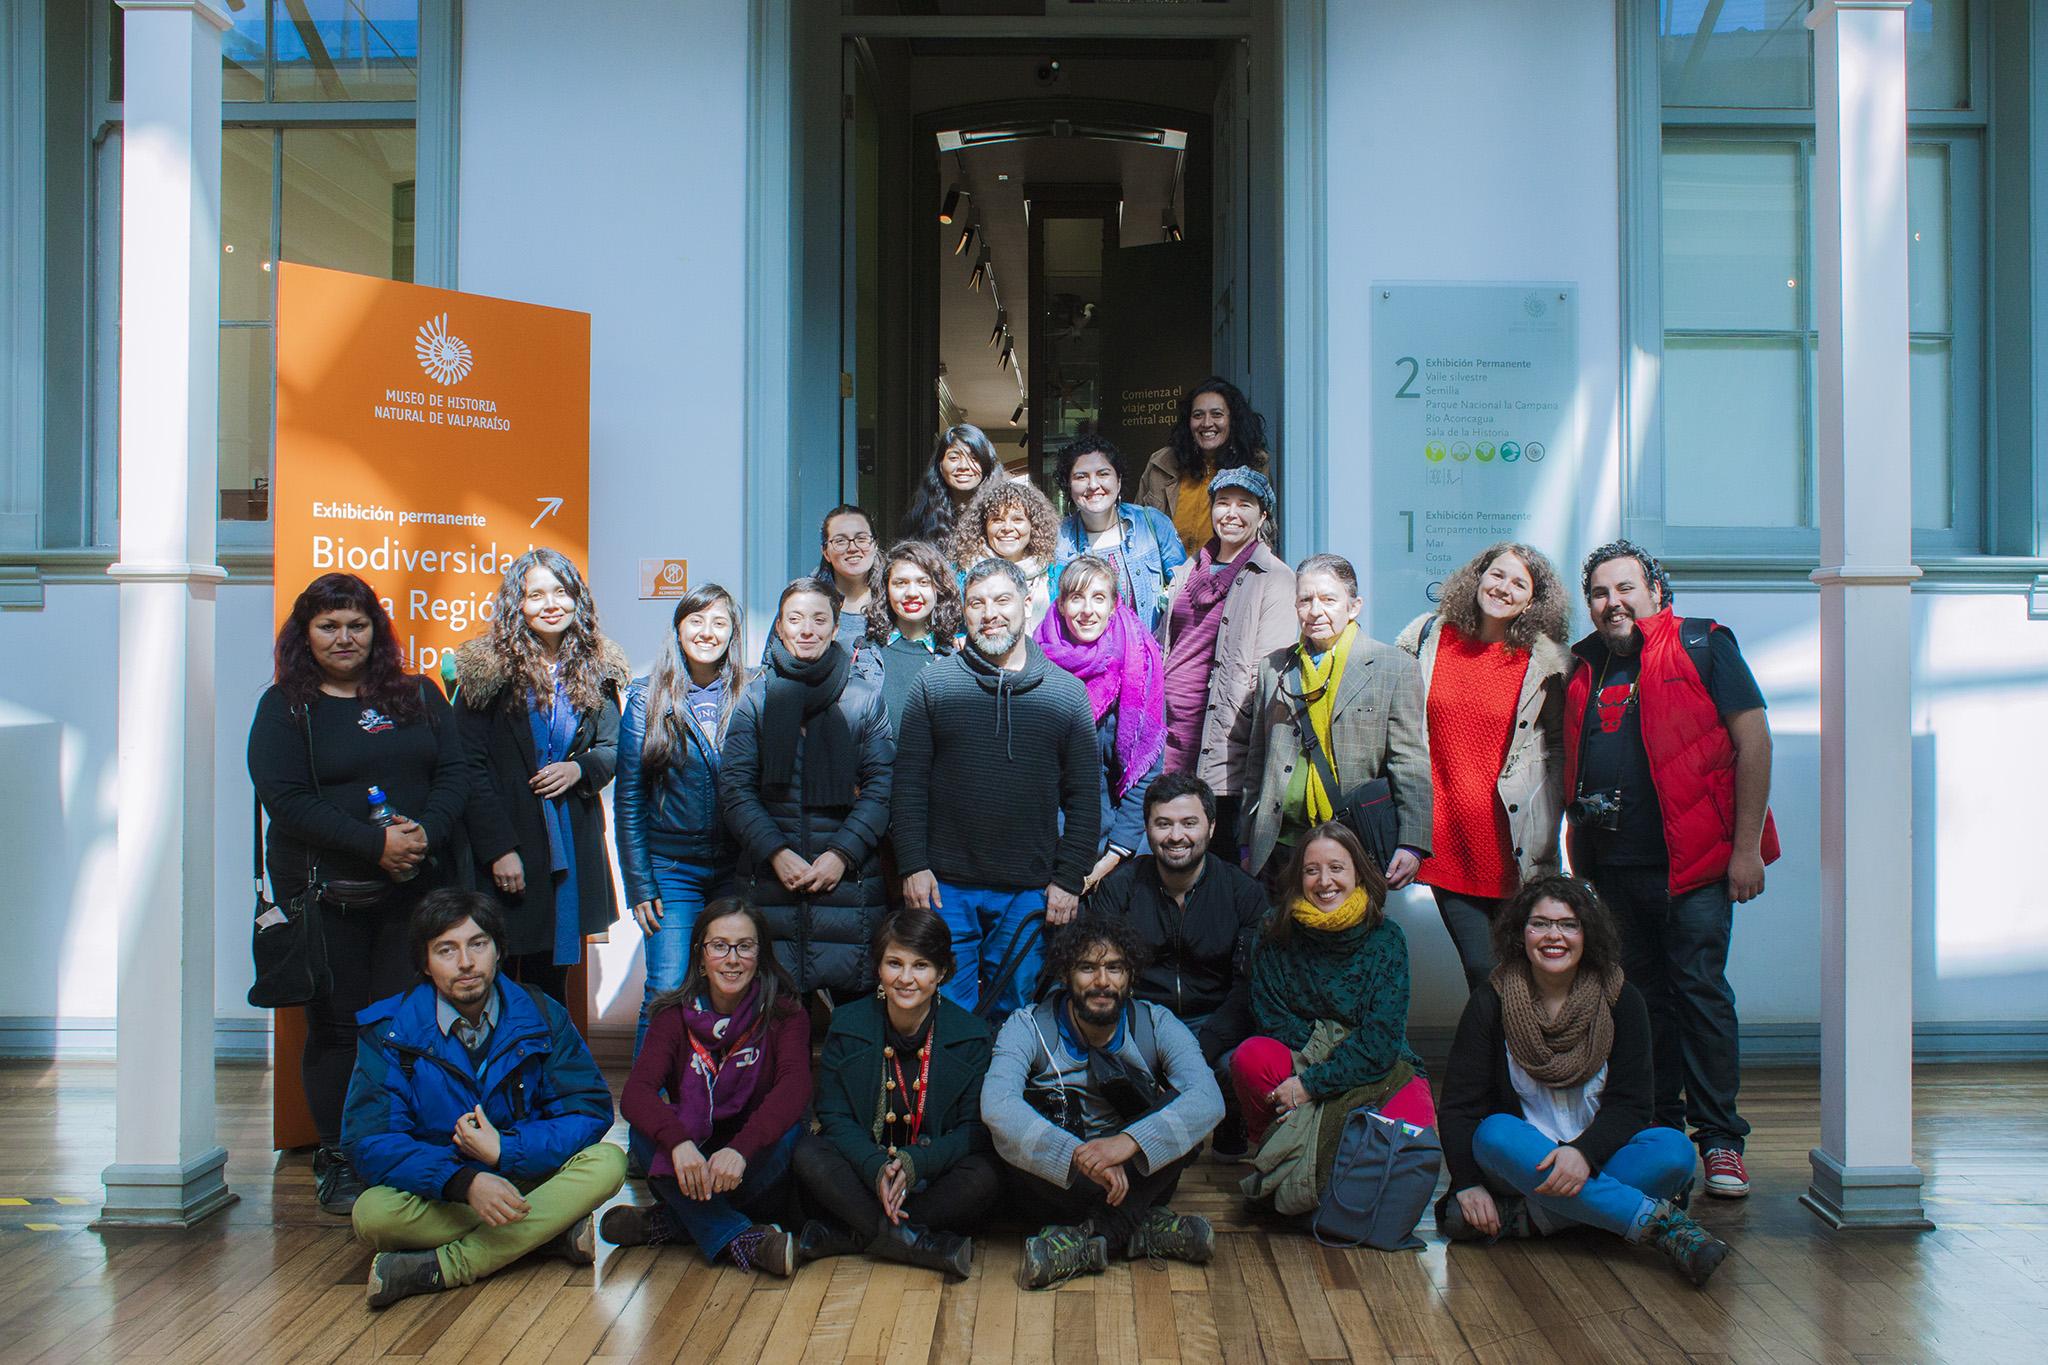 AMECUM, Foto grupo encuentro Chile, 2017. Foto CENTEX